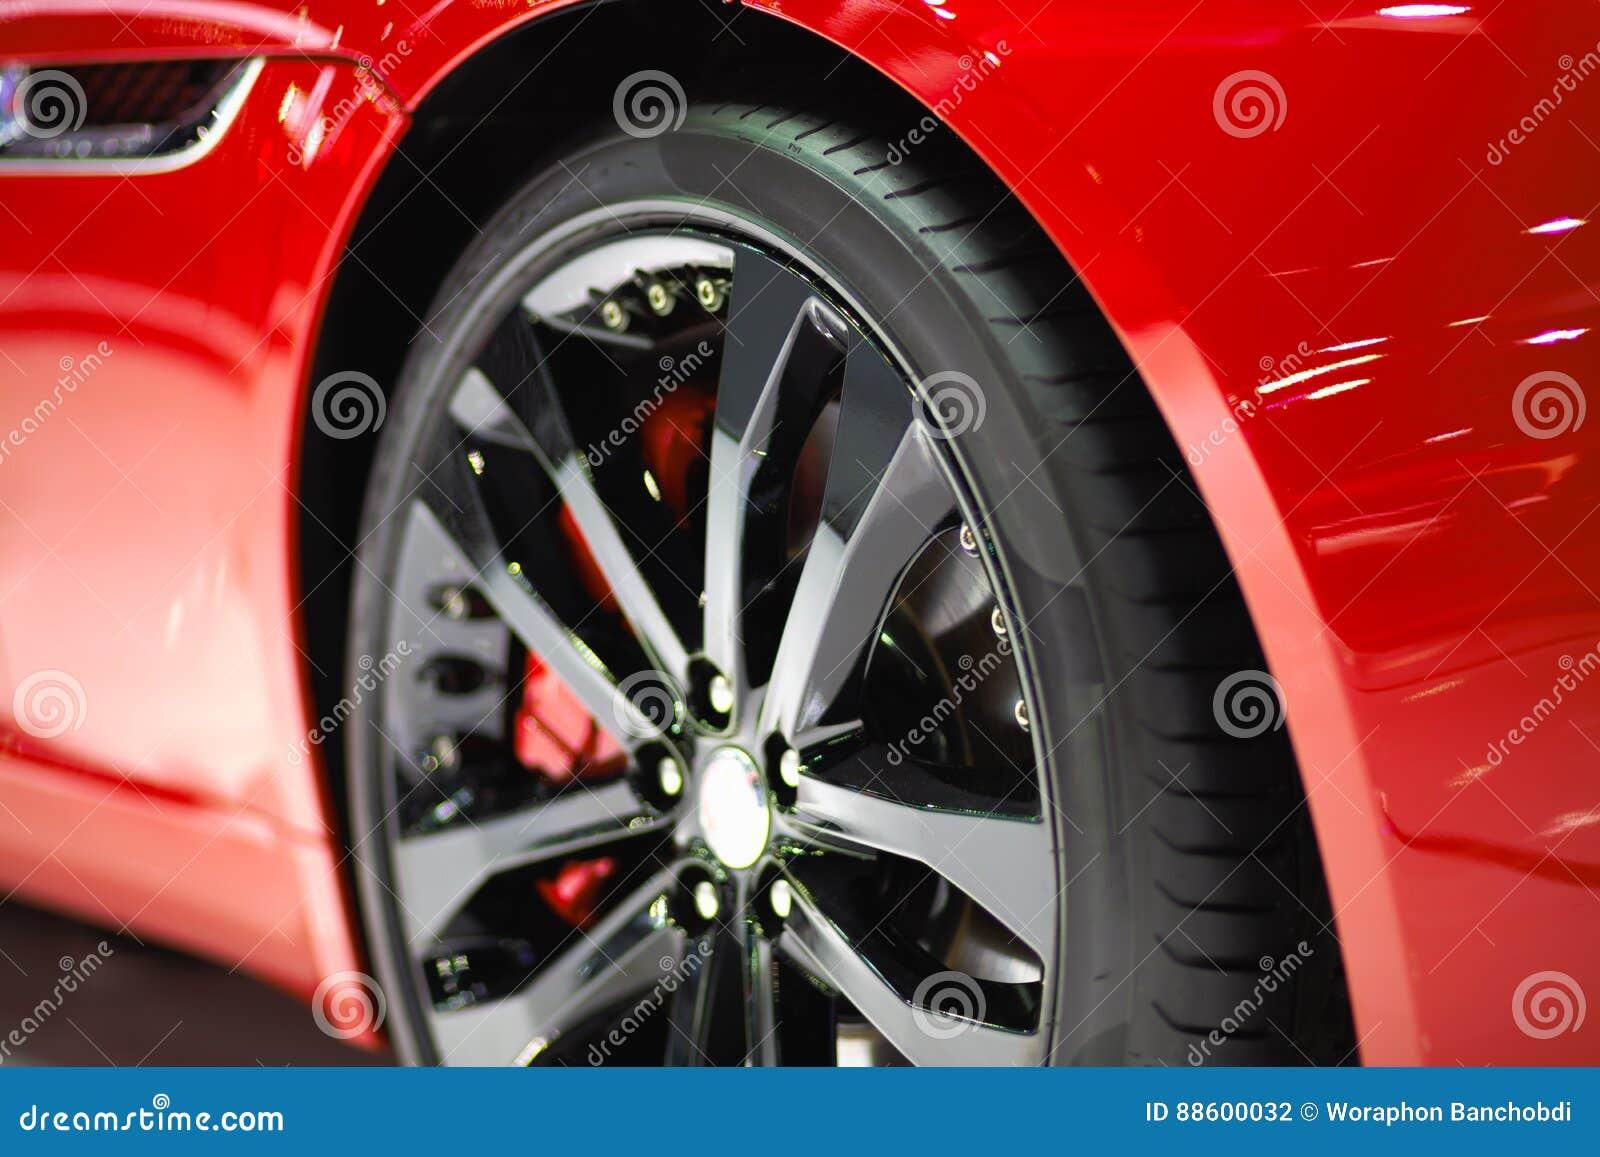 Roda de carro desportivo